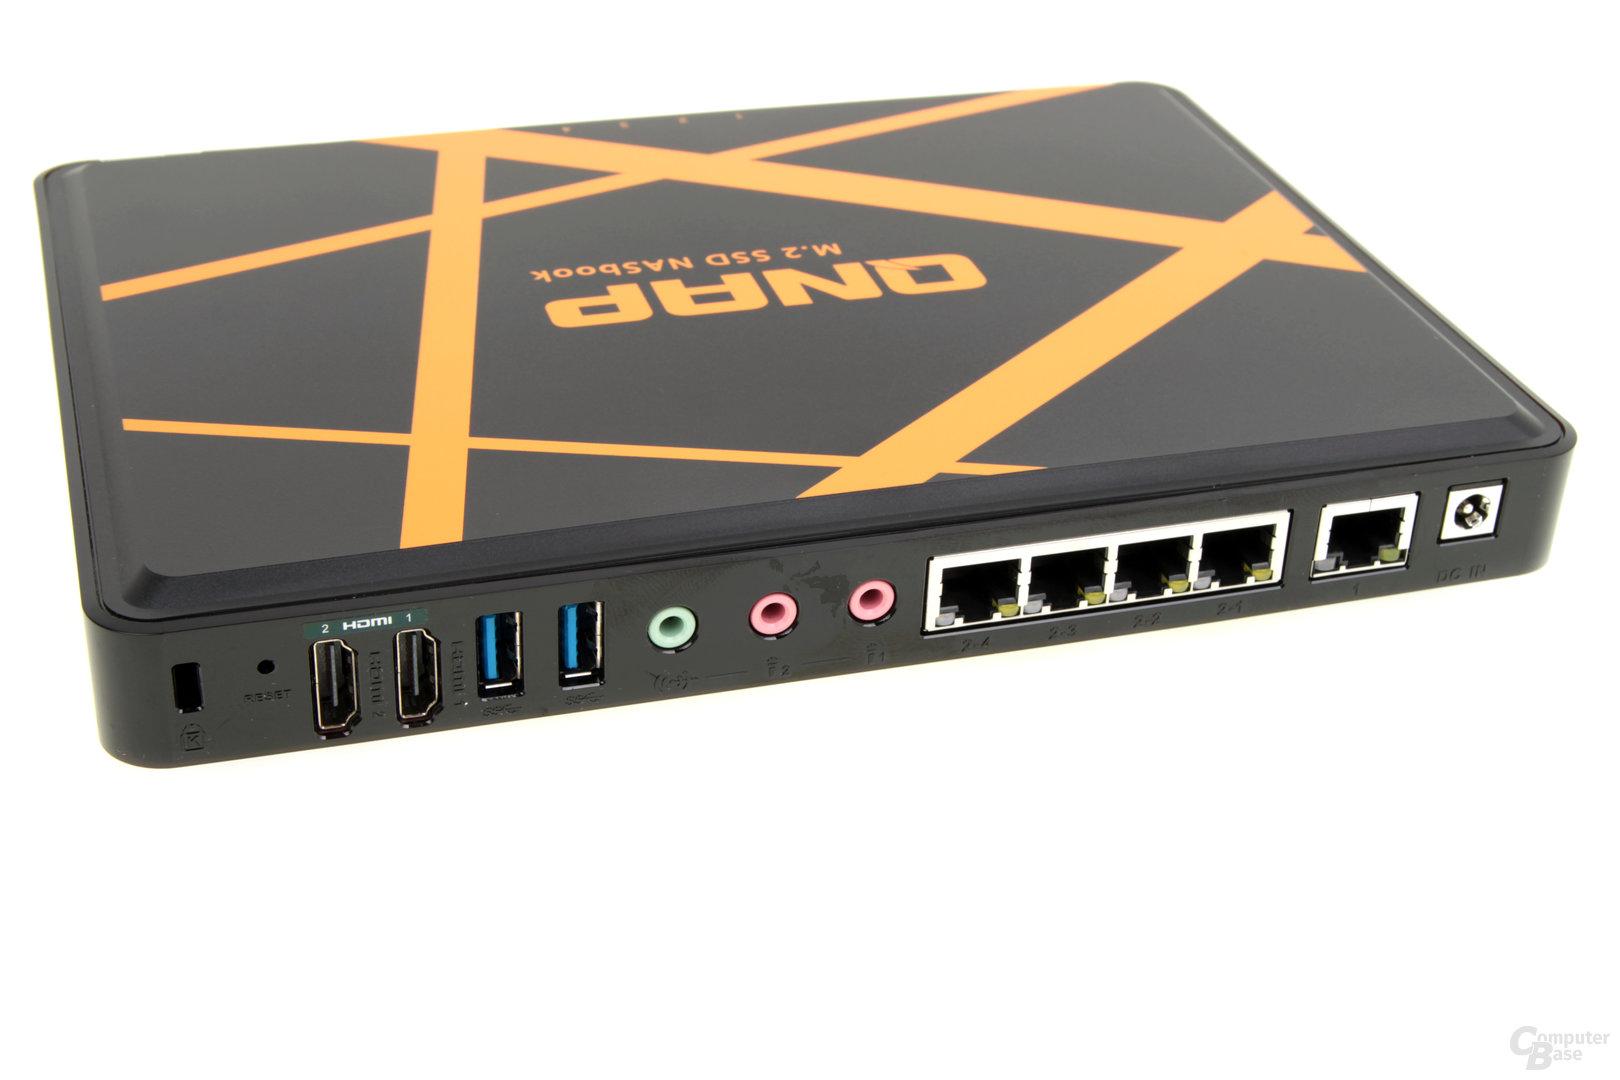 QNAP TBS-453A – HDMI, USB, Audio und LAN an der Rückseite